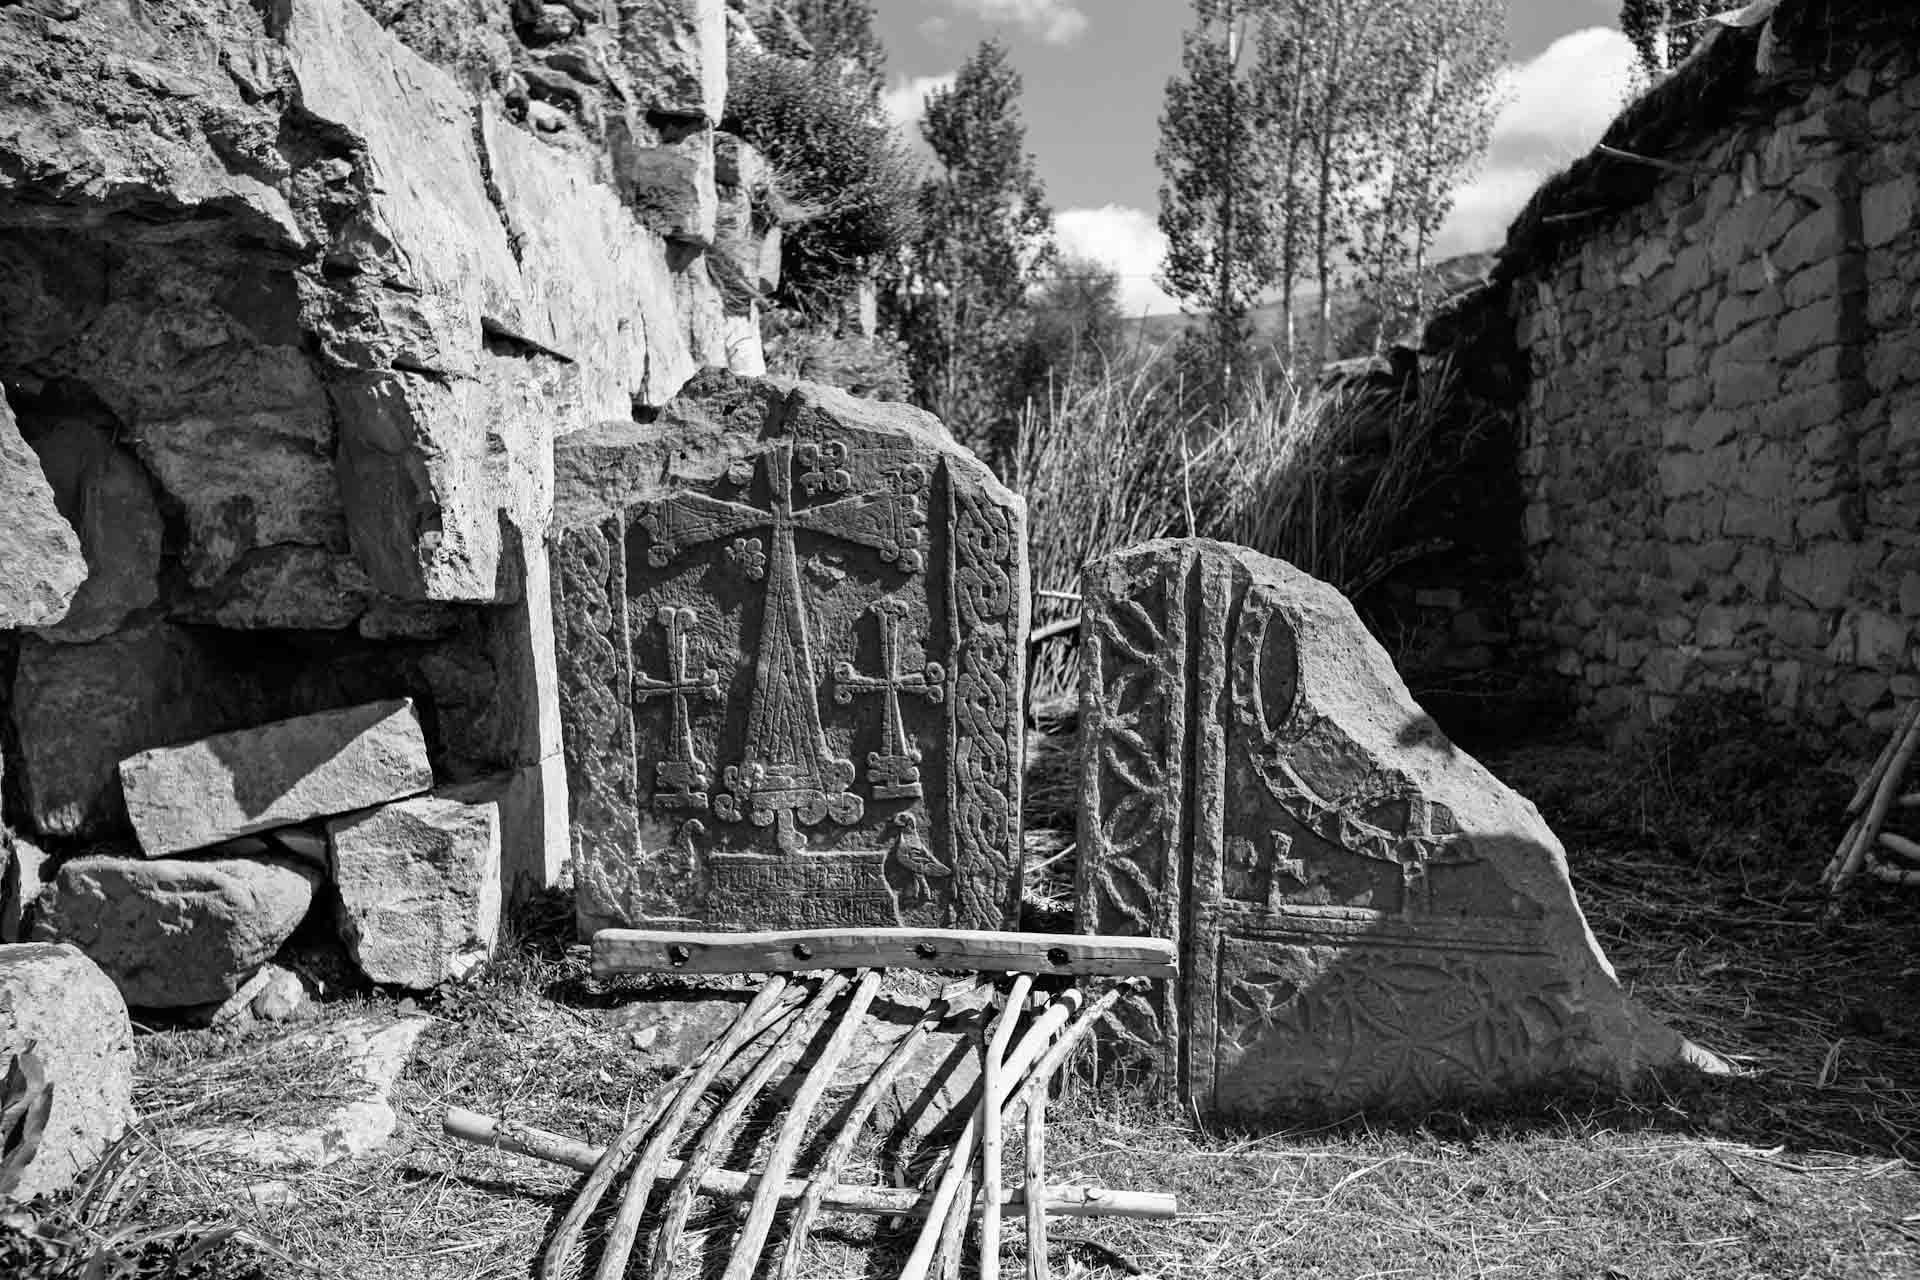 Zerstörte armenische Chatschkare, auch Kreuzsteine genannt, in einem ehemals armenischen Dorf in der Nähe von Bitlis.